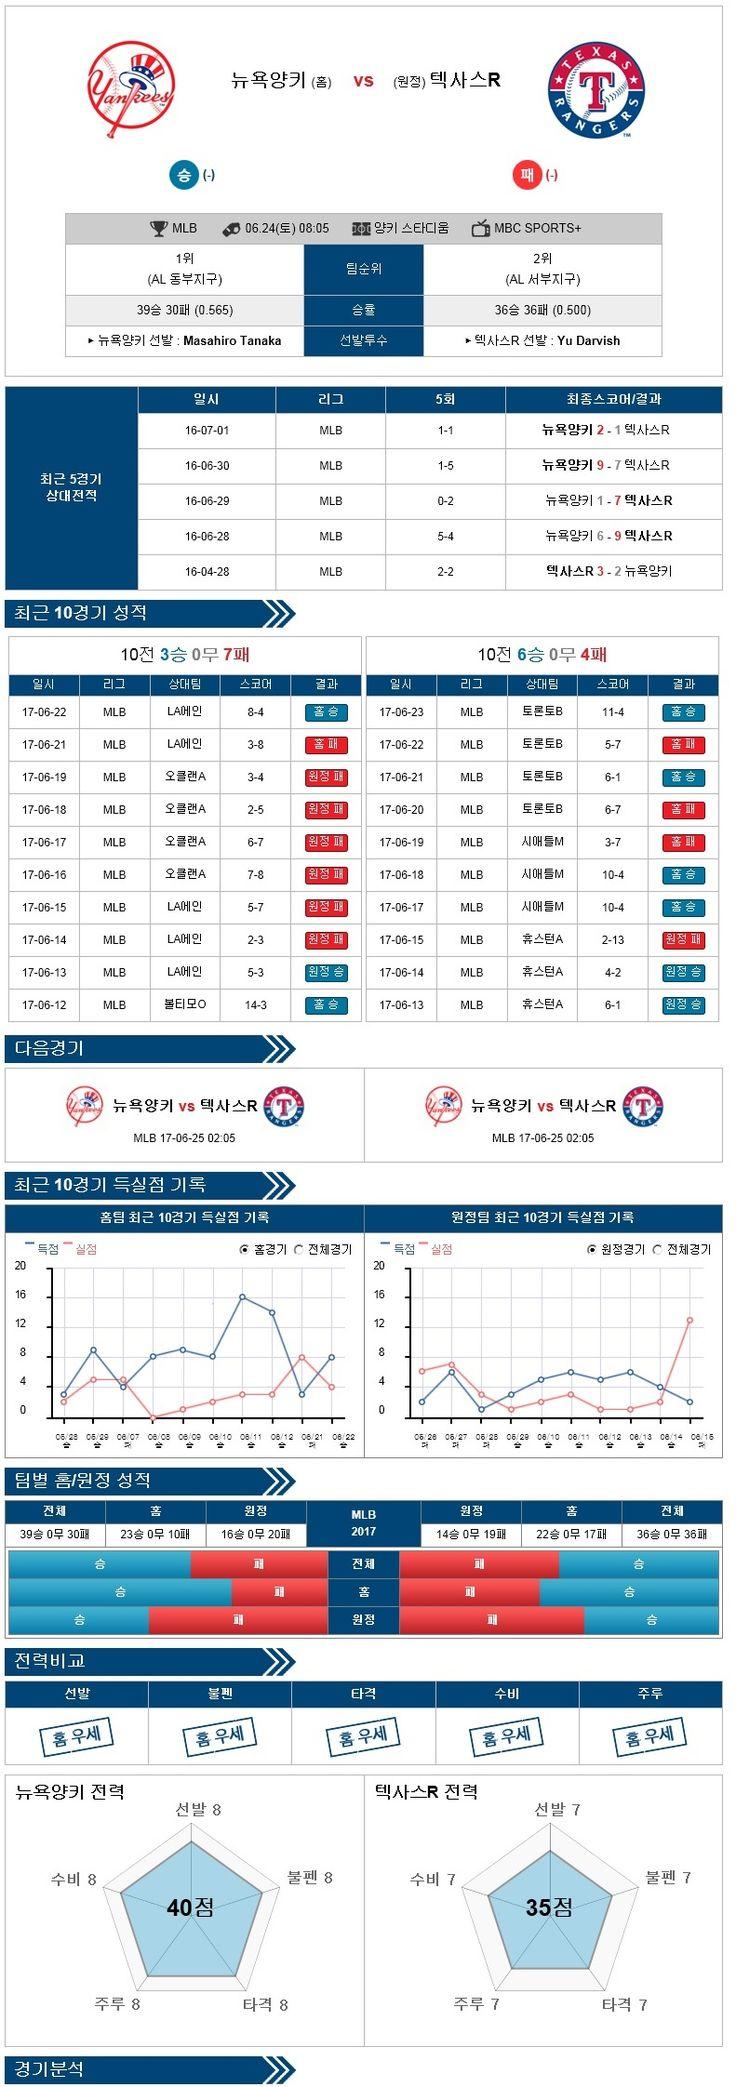 [MLB] 6월 24일 야구분석픽 뉴욕양키스 vs 텍사스 ★토토군 분석픽★